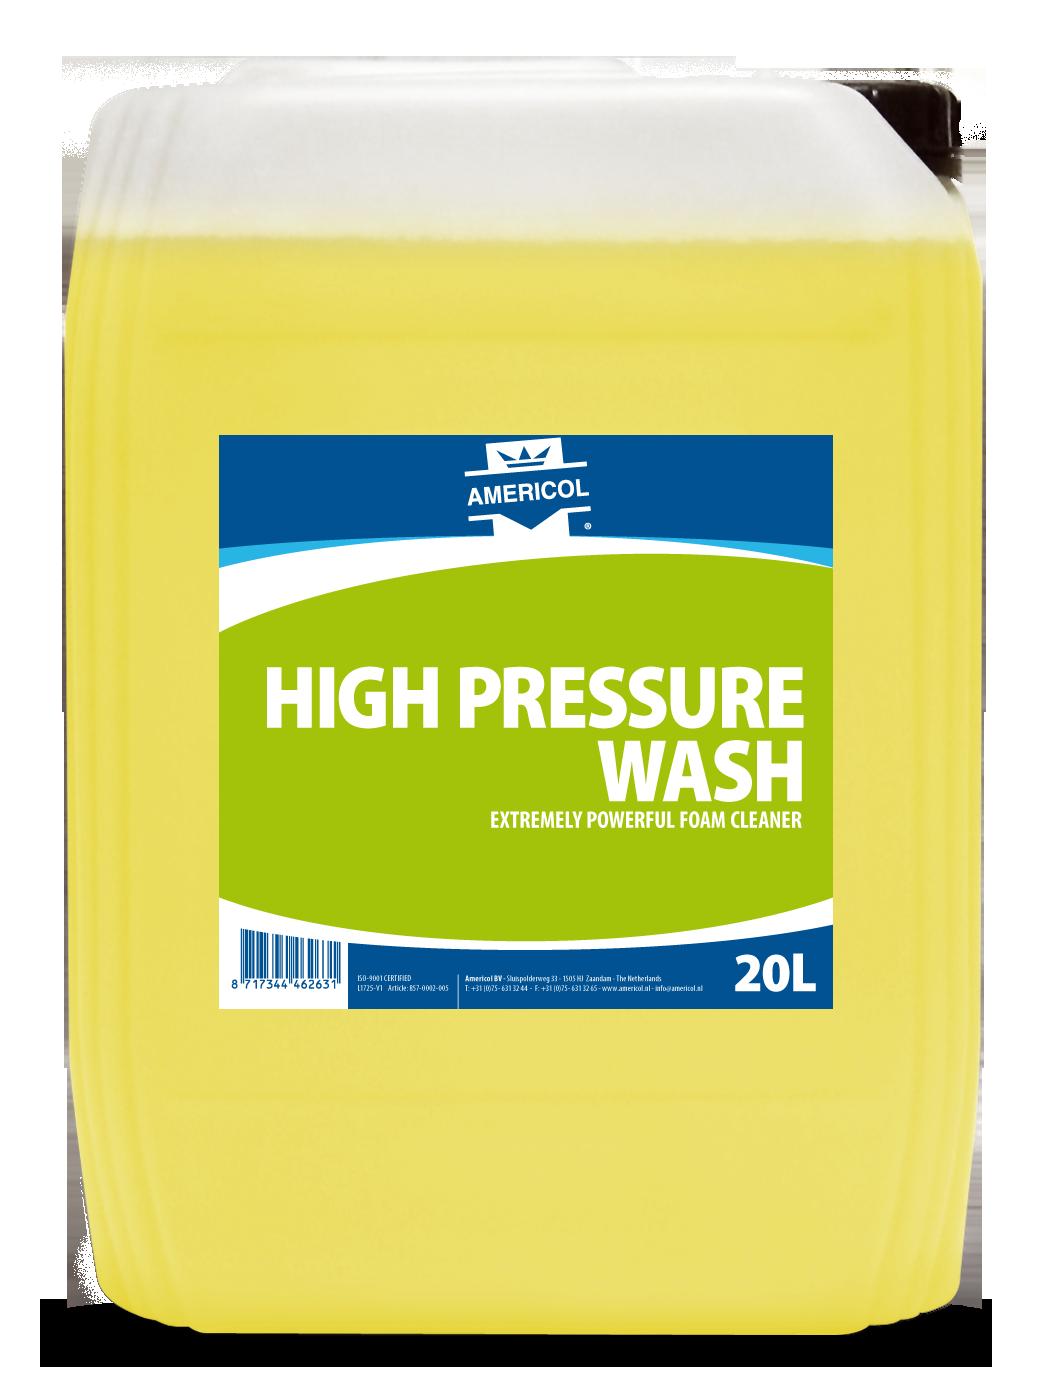 High Pressure Wash 20L